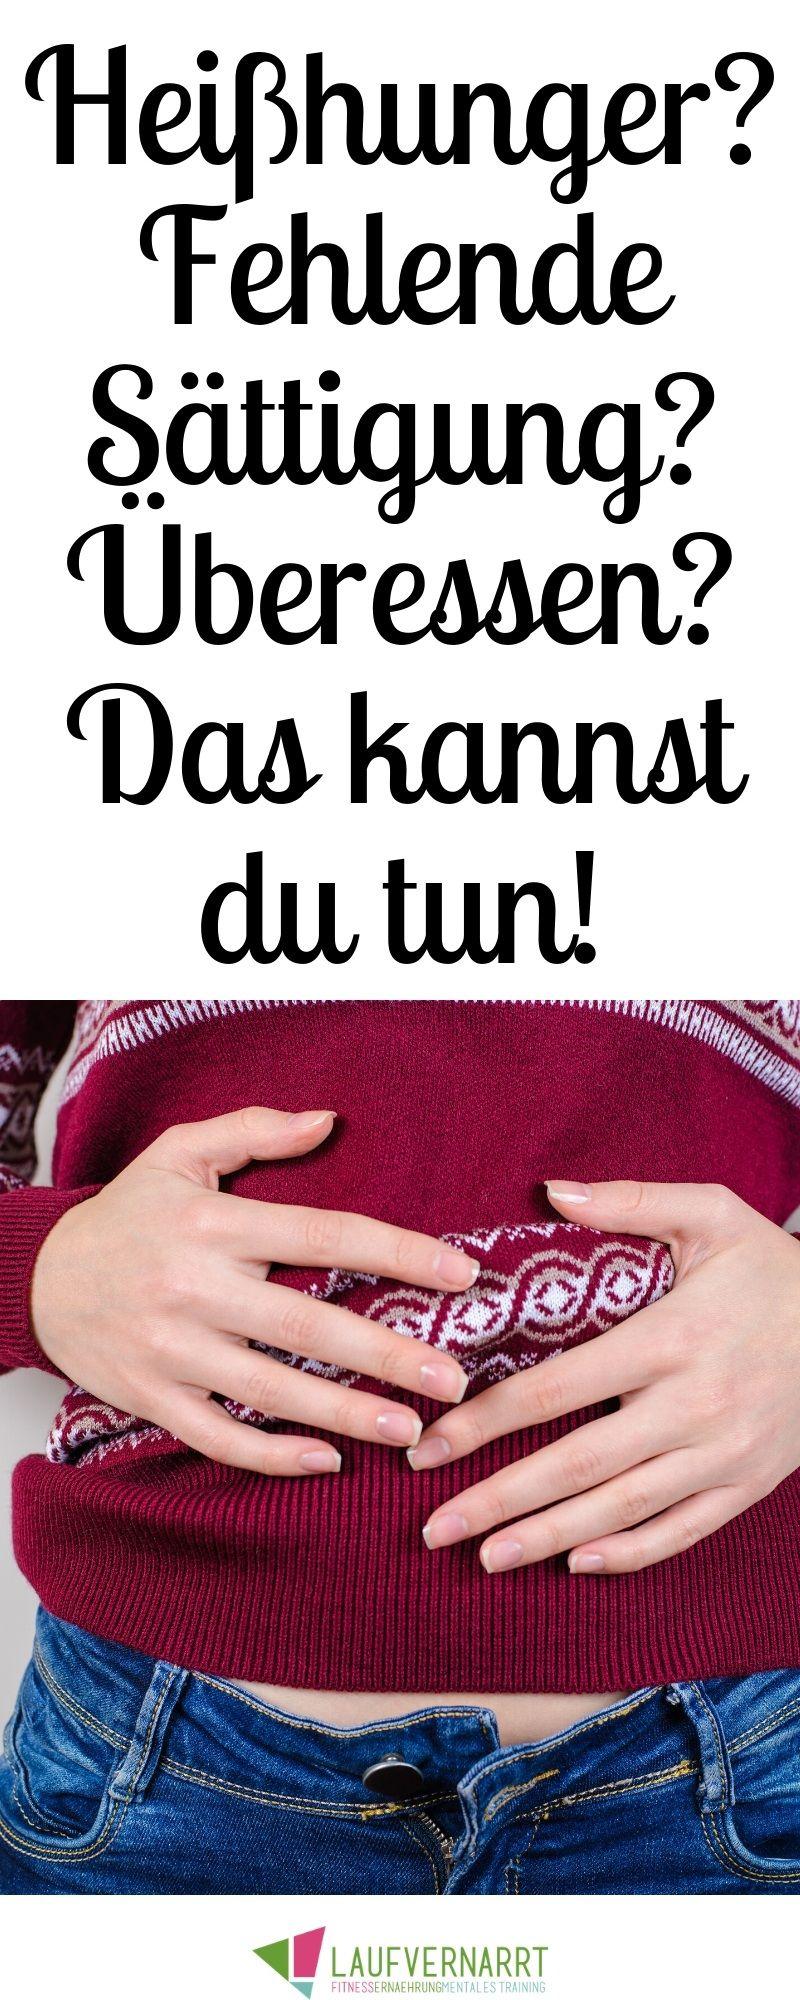 Photo of Schluss mit Überessen – 10 Tipps für eine bessere Sättigung – Laufvernarrt